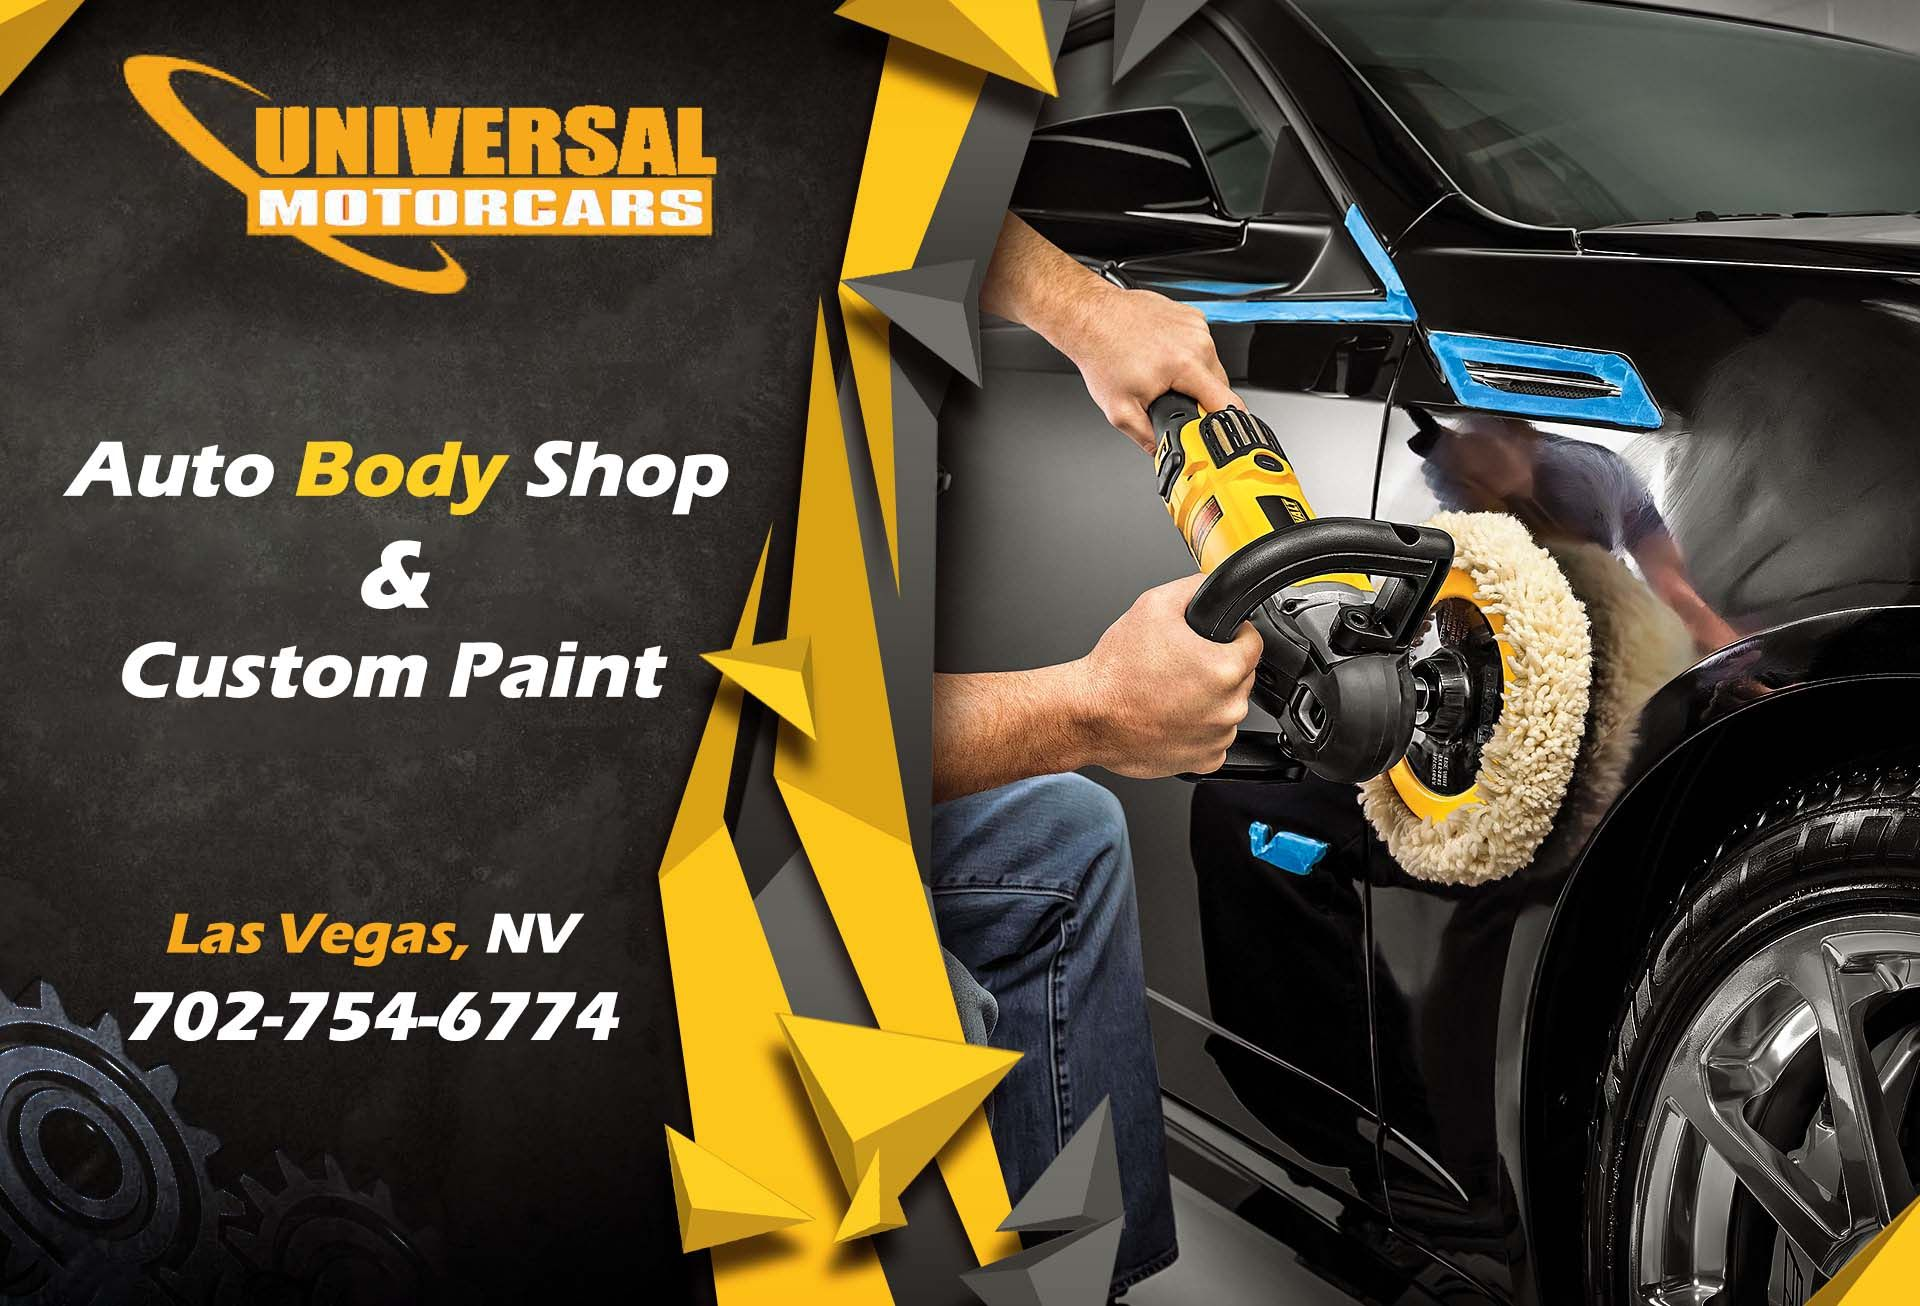 Auto Body Shop In Las Vegas Auto Repair Shop Auto Body Auto Body Shop